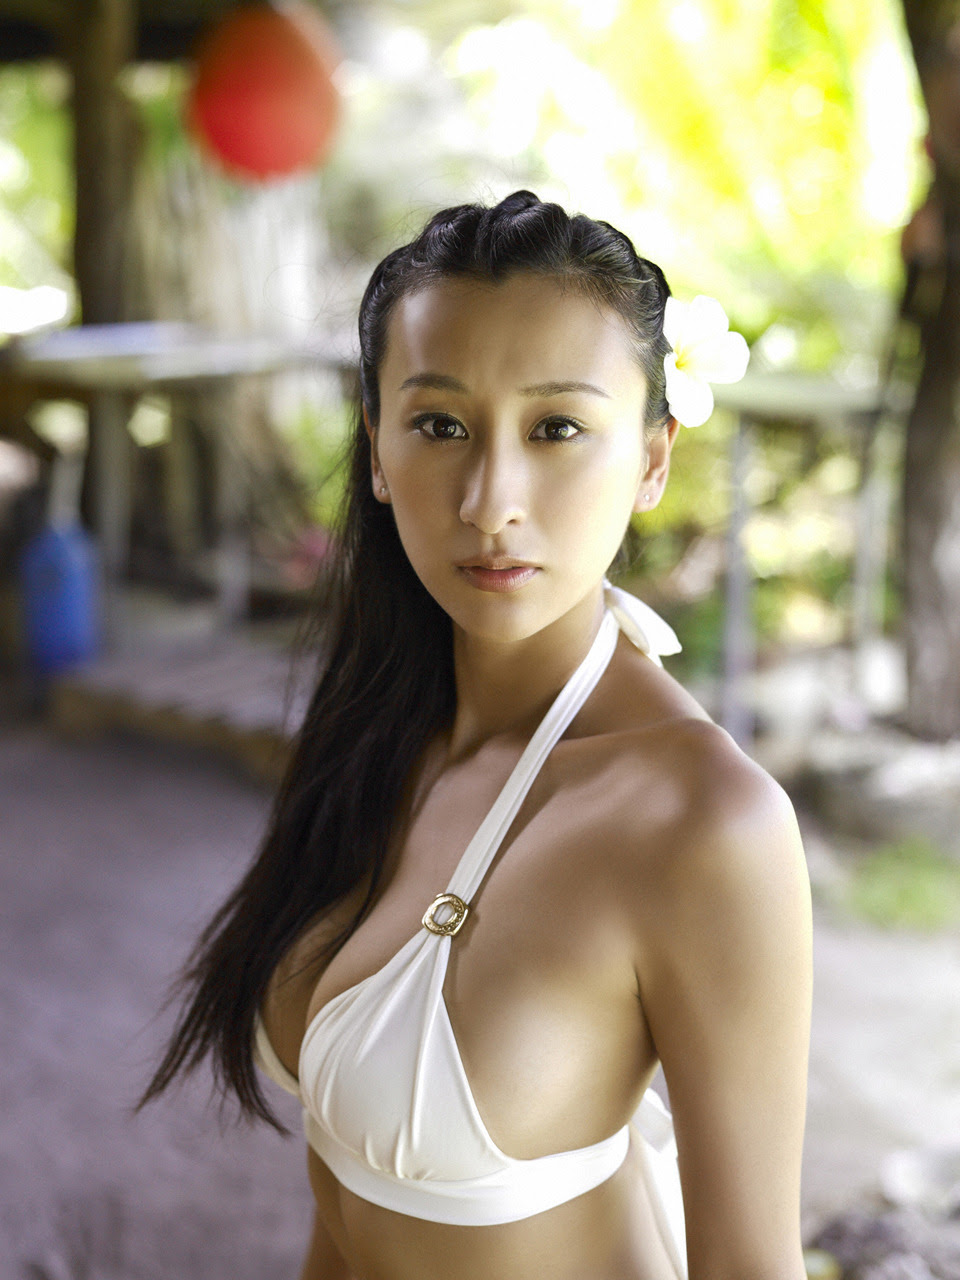 舞台女優デビューを果たした浅田舞の高画質な画像まとめ 写真まとめサイト Pictas